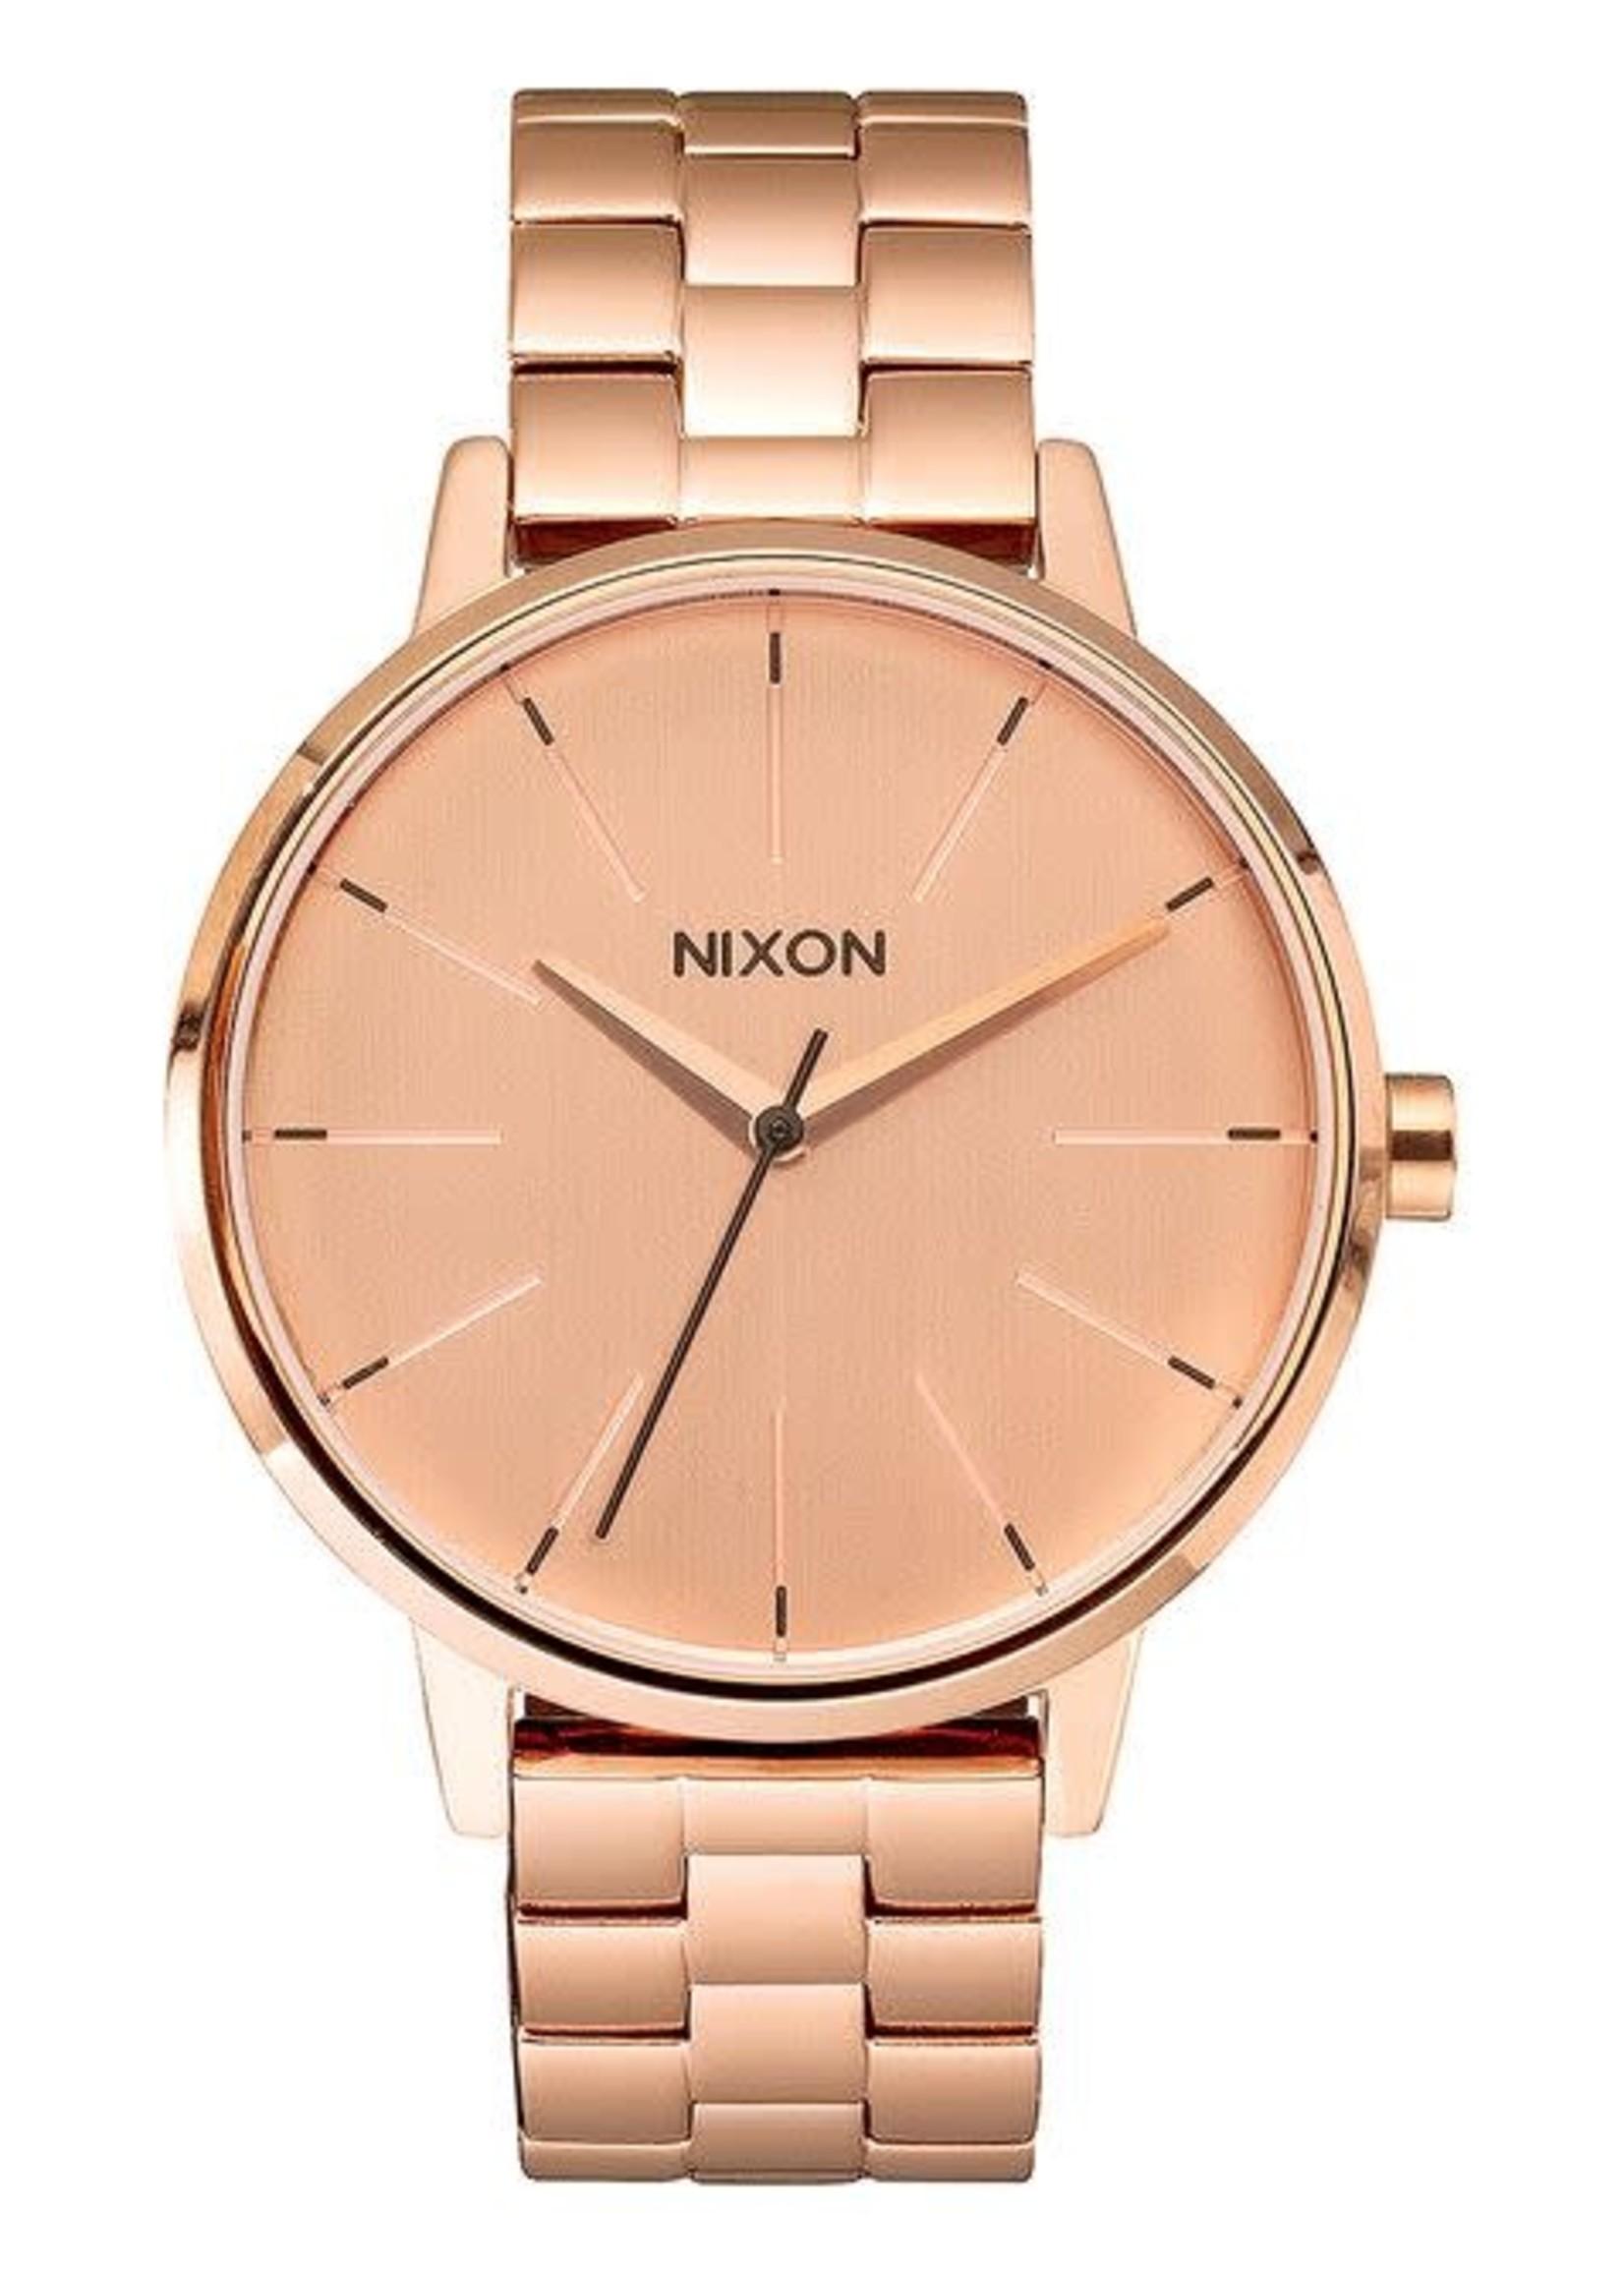 NIXON NIXON Kensington watch, All Rose